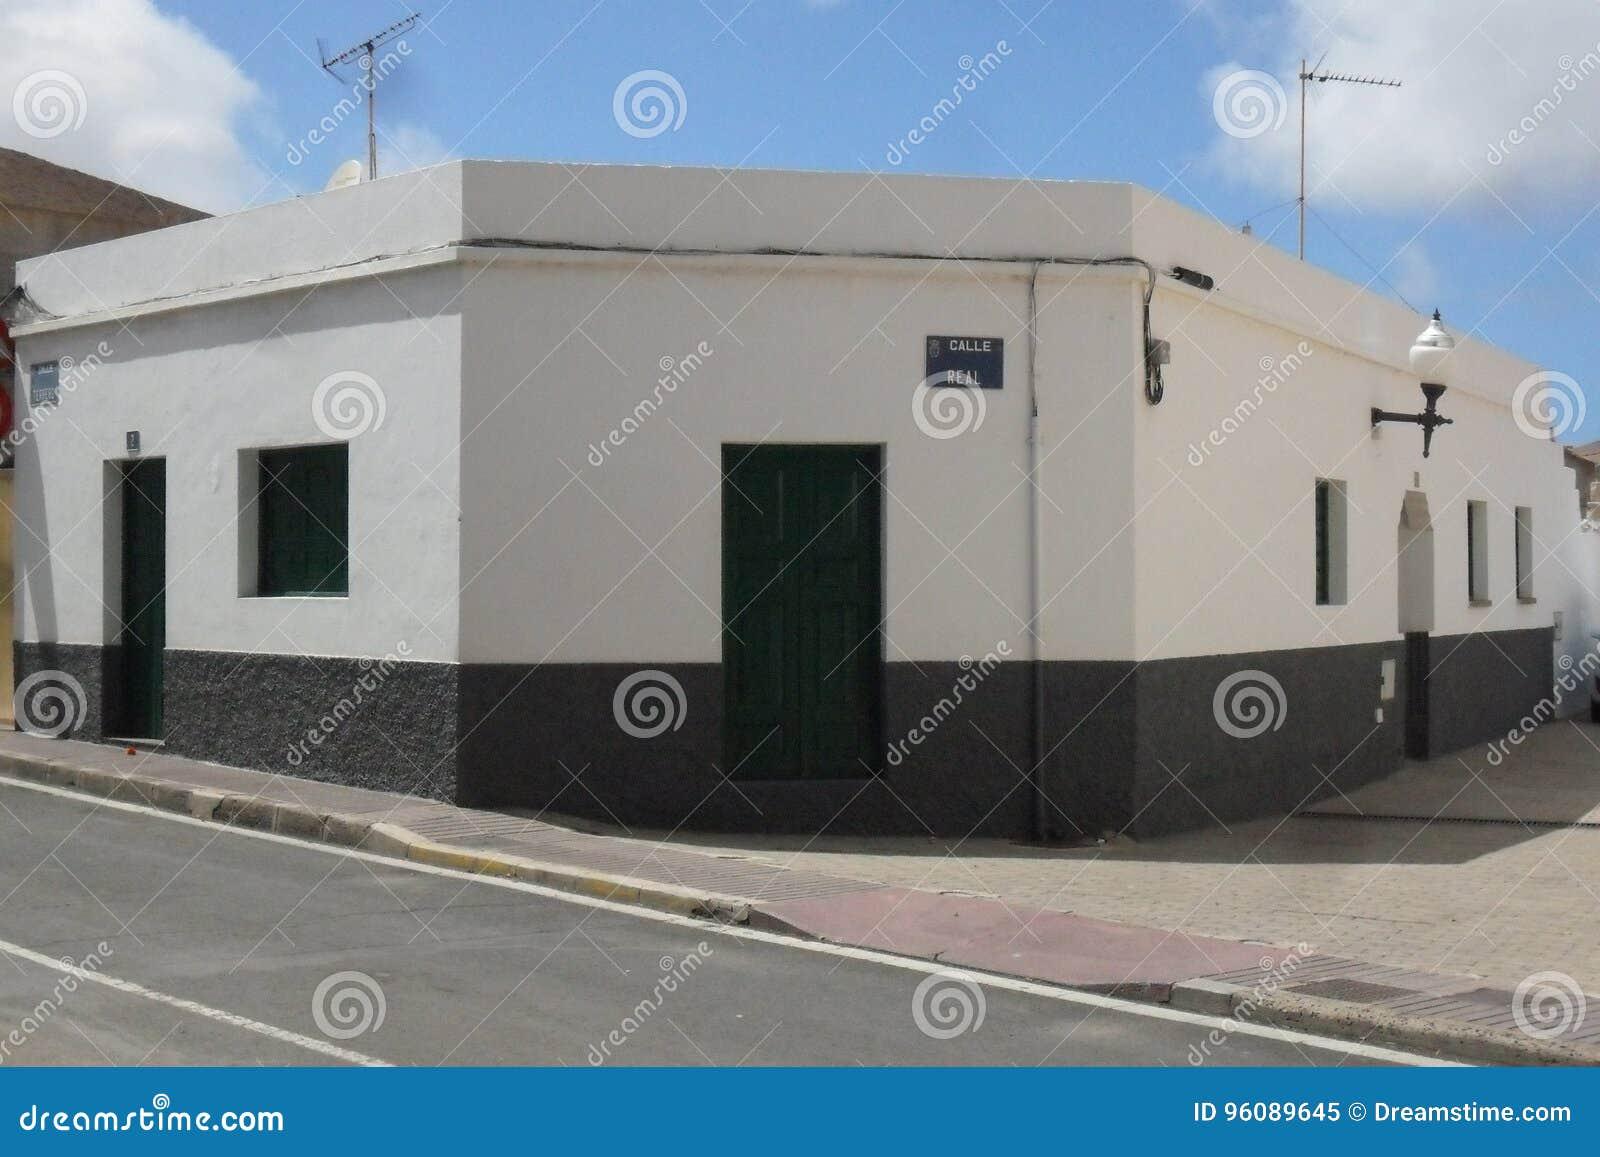 Ein typisches Haus in der Insel von Fuerteventura in den Kanarischen Inseln